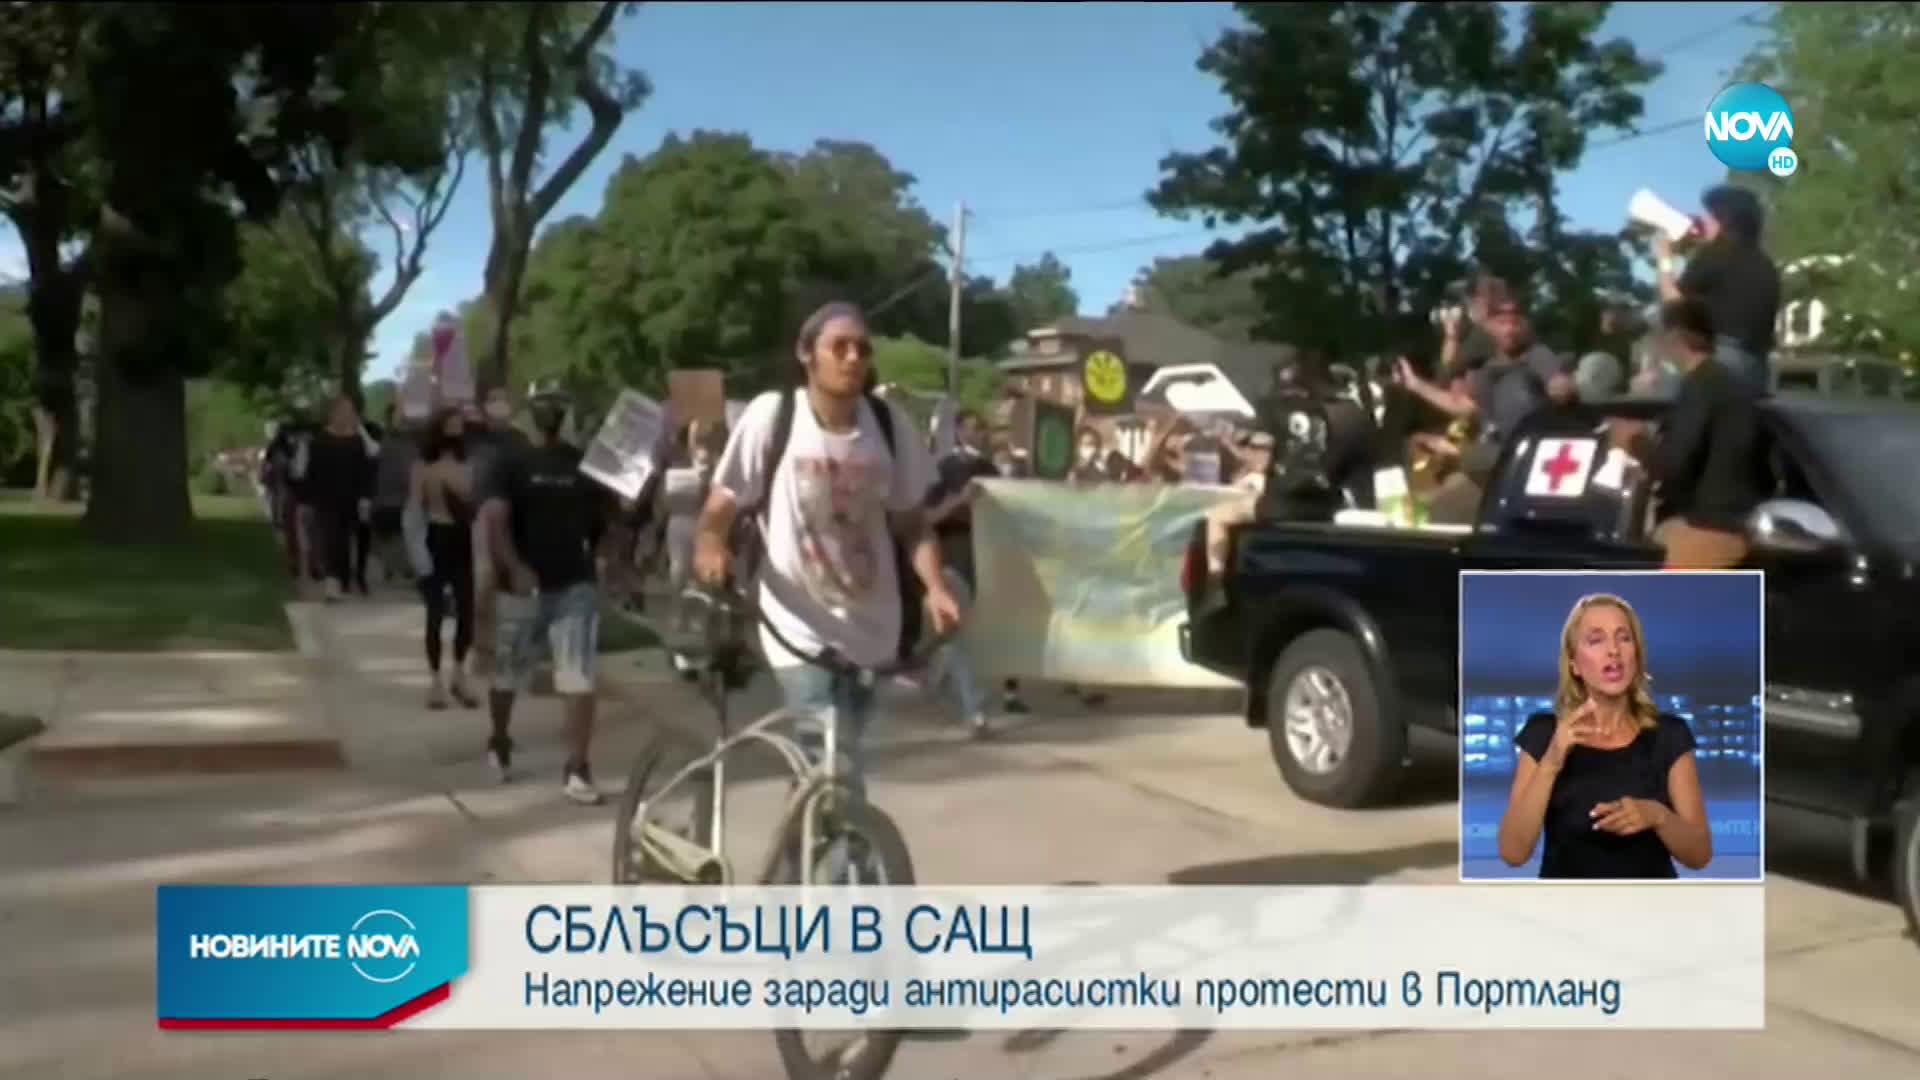 Расте напрежението заради антирасистките протести в САЩ